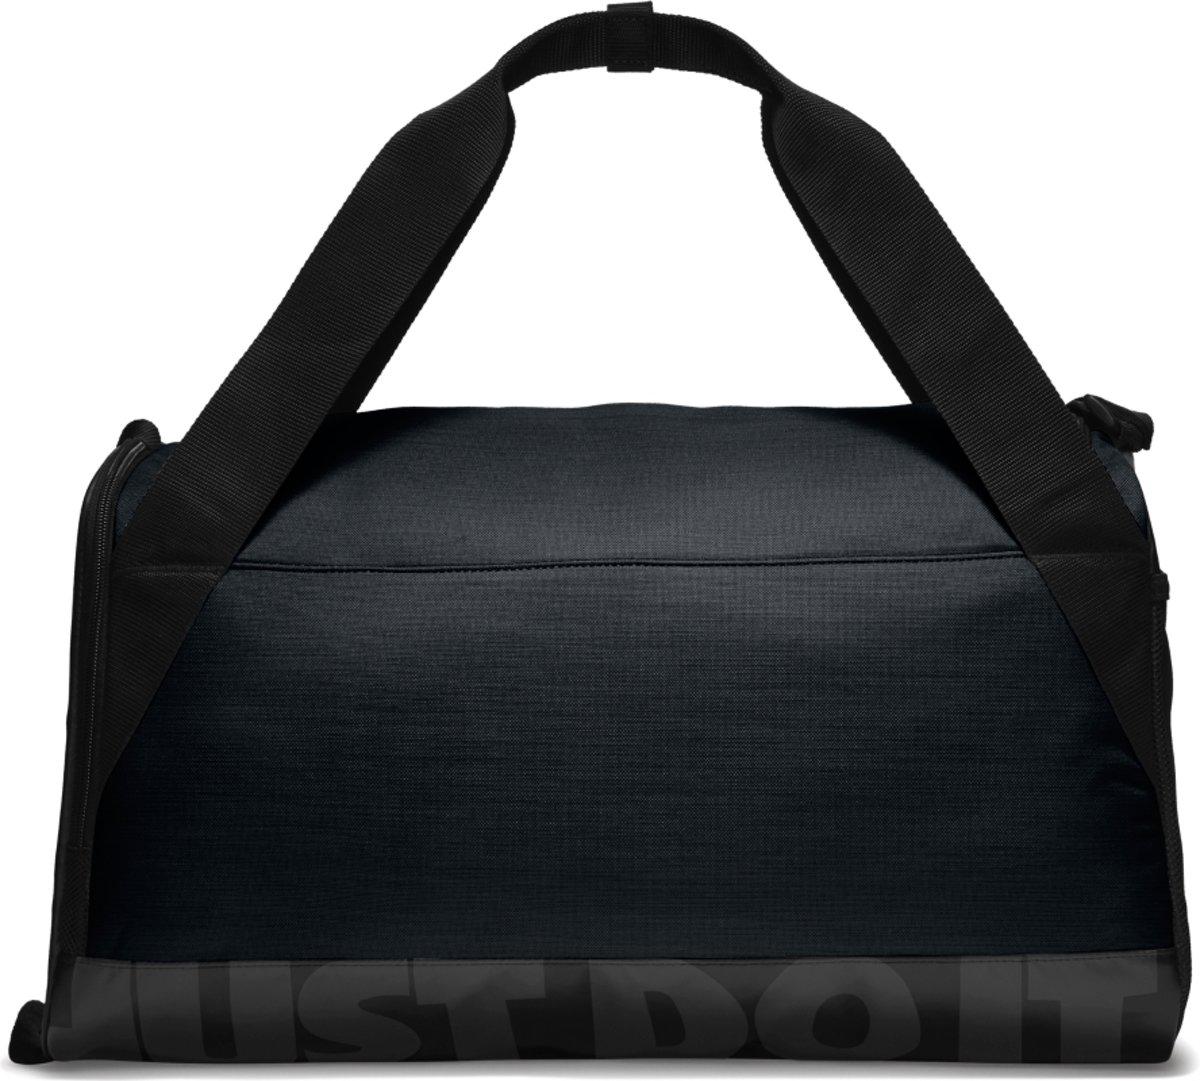 636021e08c6 Nike Brasil Duffel Bag Sporttas Unisex - Small - Zwart